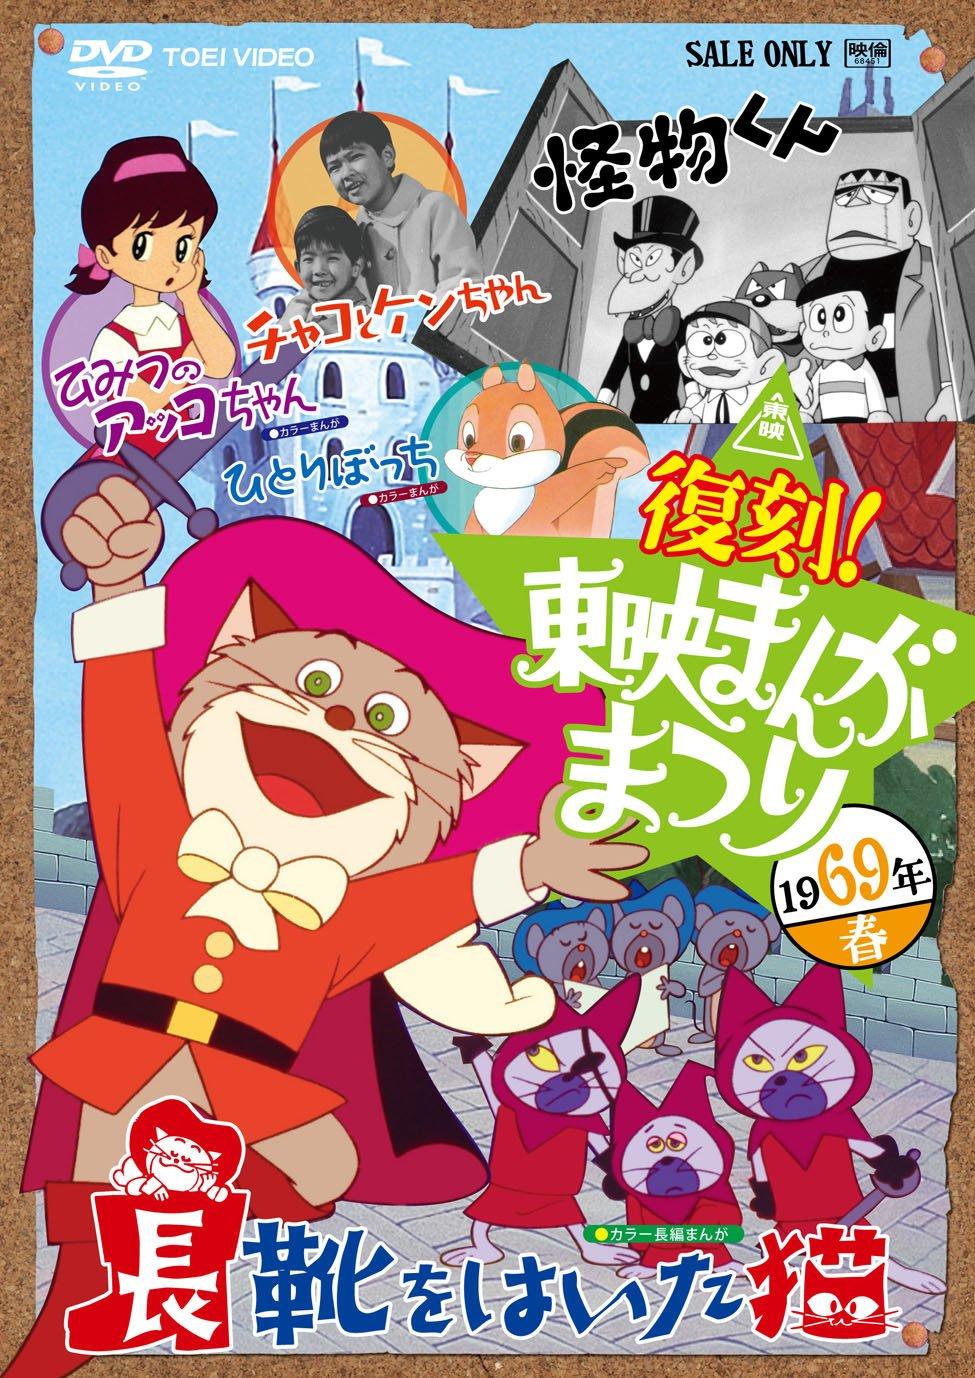 復刻! 東映まんがまつり 1969年春【DVD】